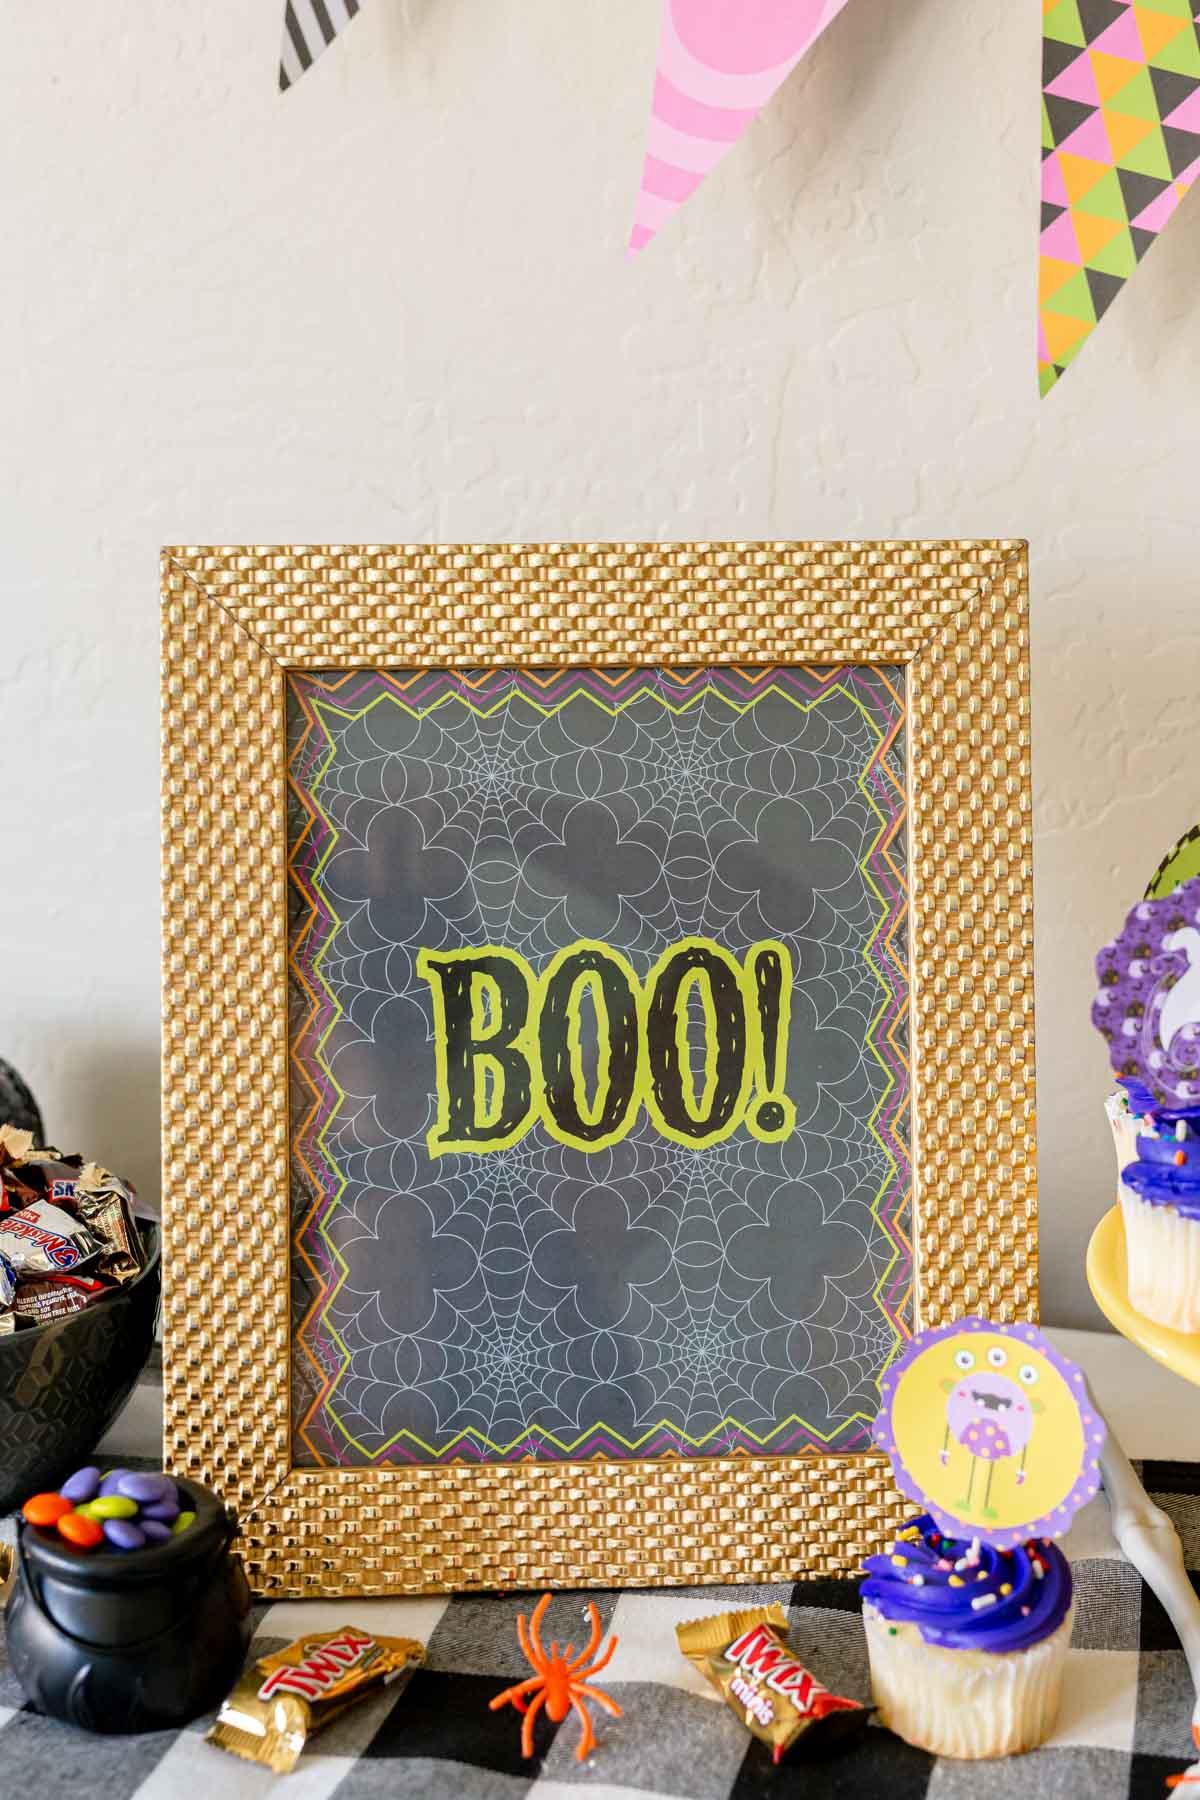 Framed Halloween wall art on a table